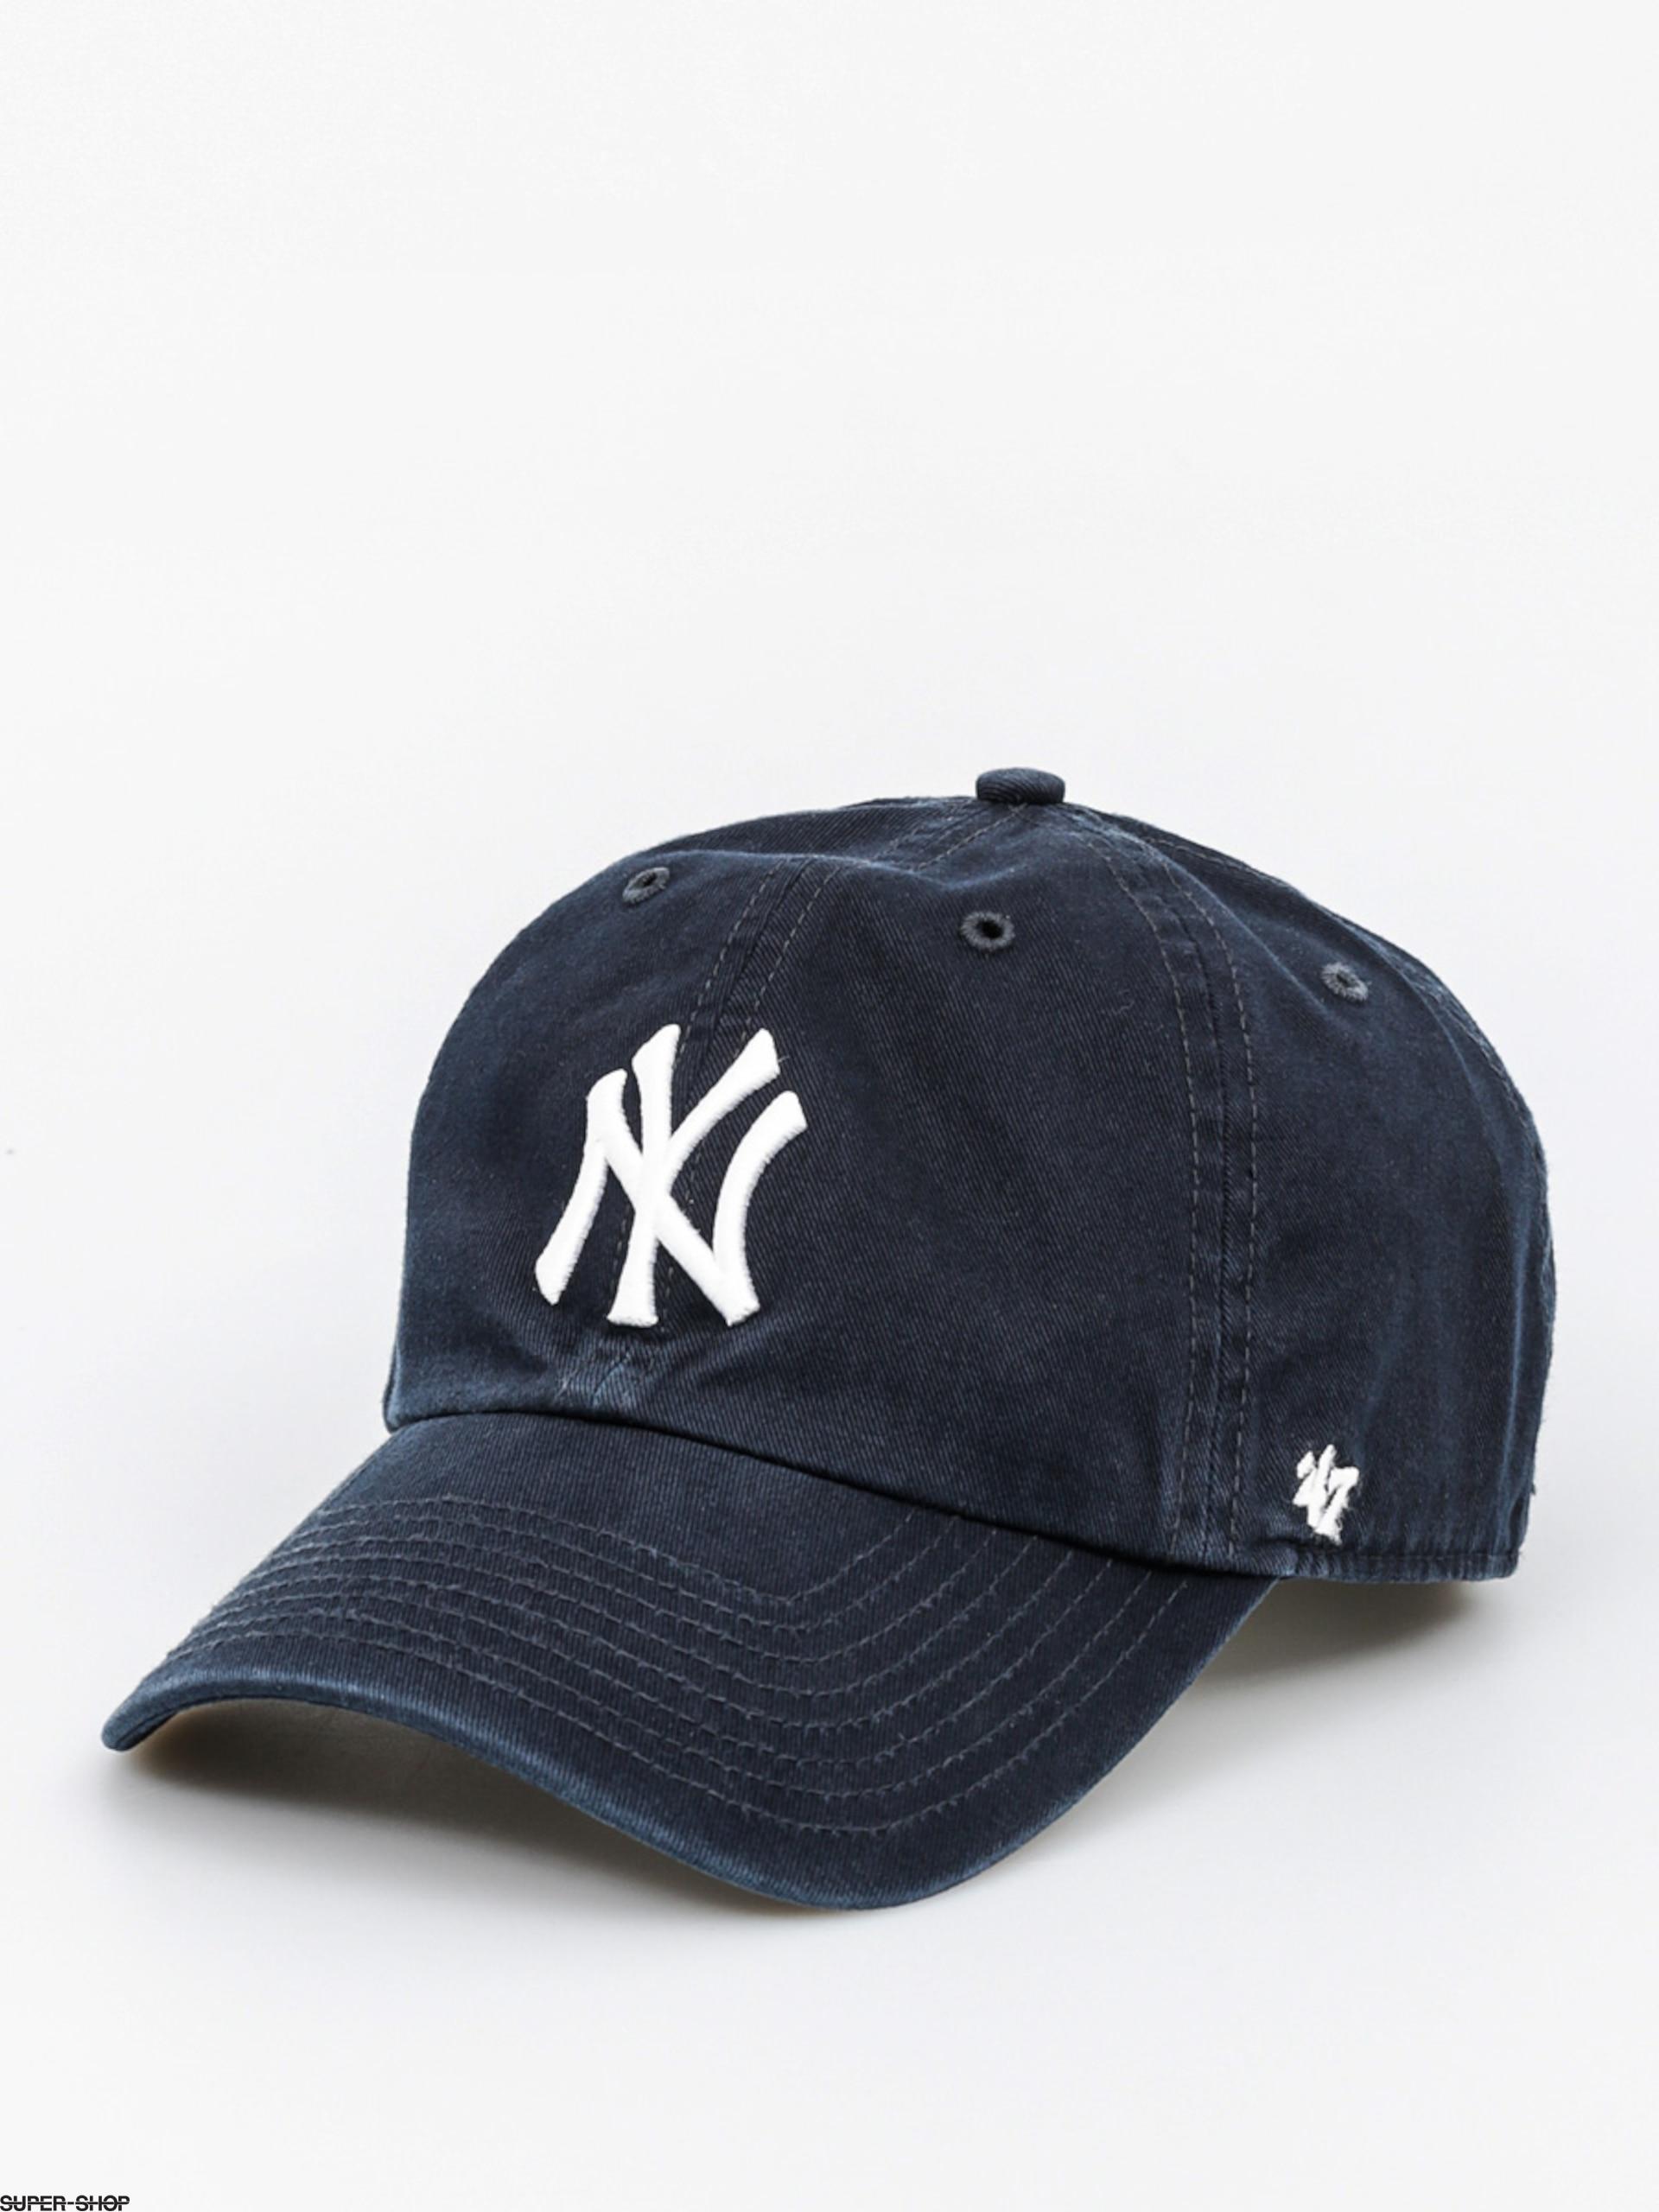 2f0f5c9b1dd2c6 799950-w1920-47-brand-cap-new-york-yankees-zd-washed-navy.jpg